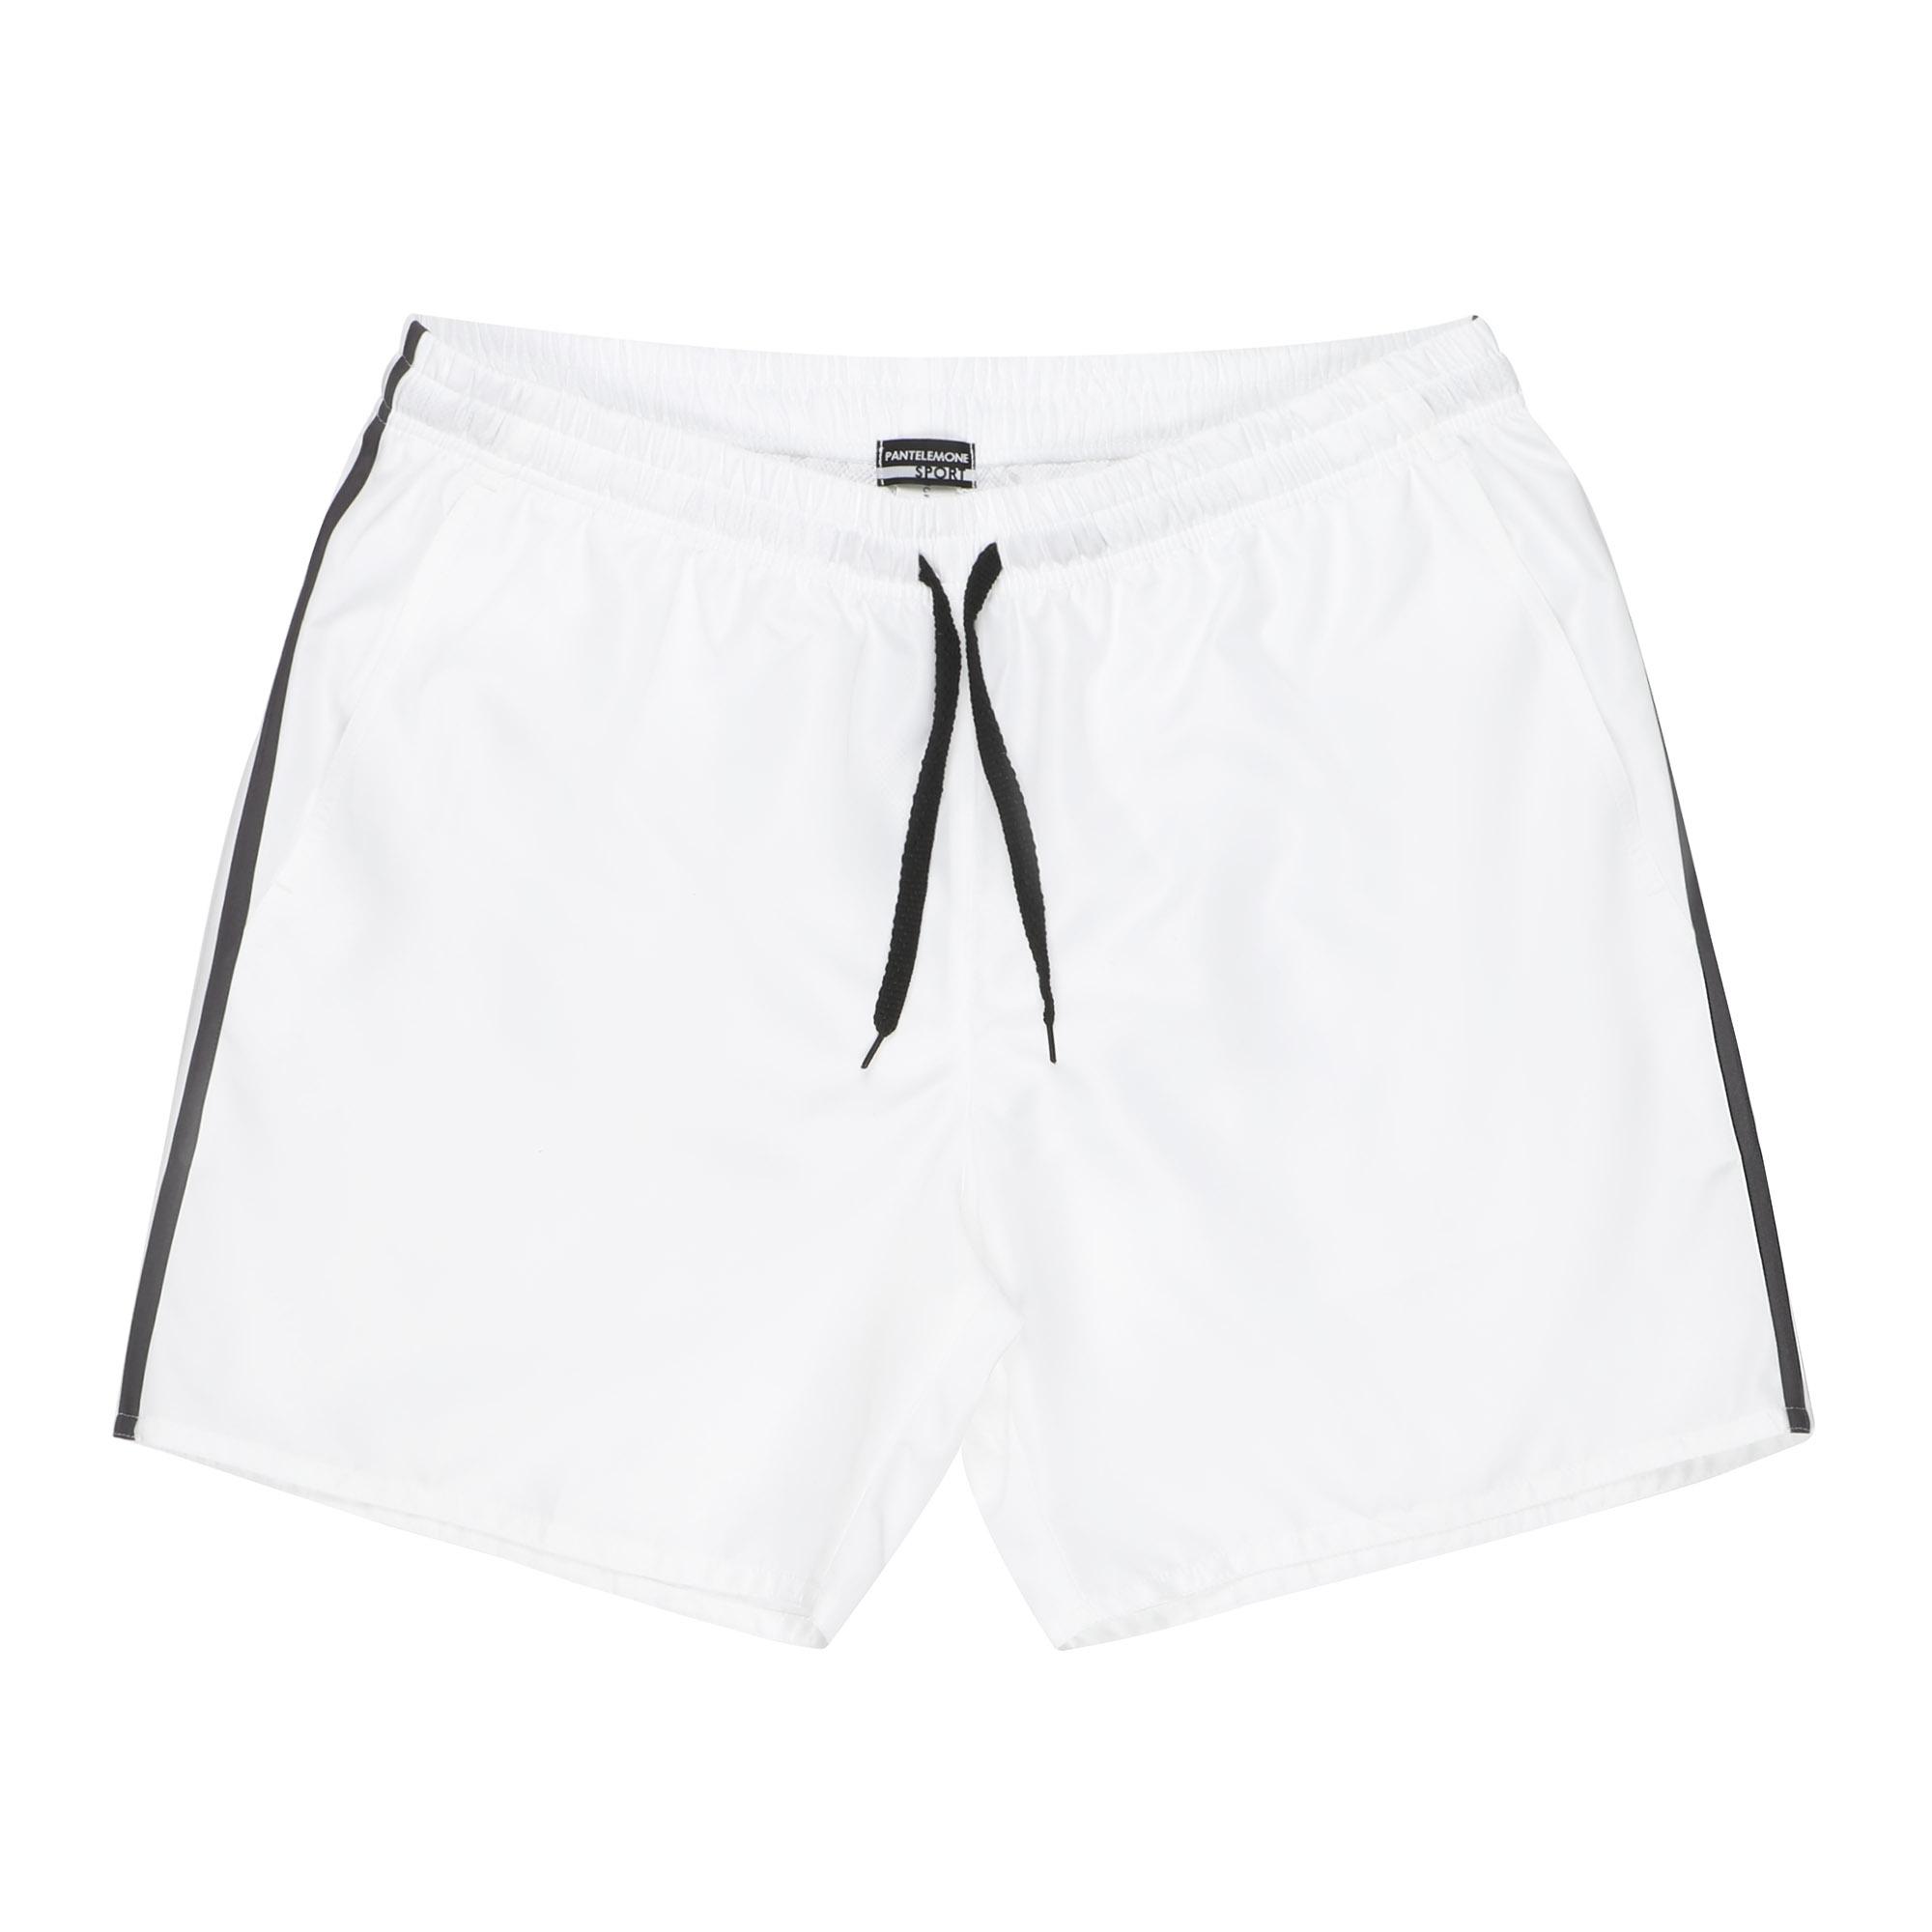 Пляжные шорты Pantelemone 54 белые